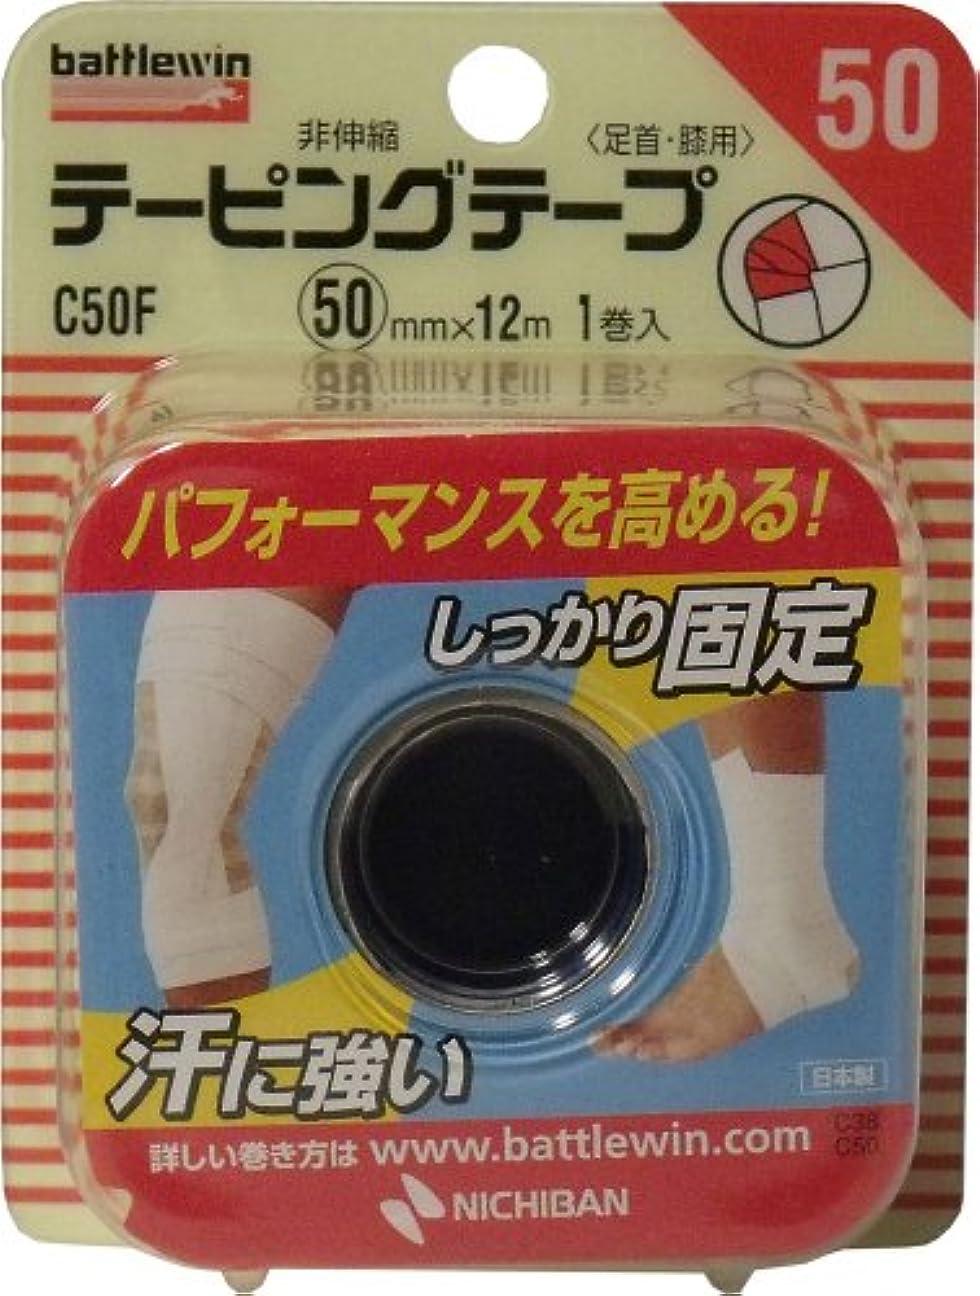 知覚宗教人物バトルウィンテーピングテープCー50F50MMX12M1ロール640 ニチバン(株)